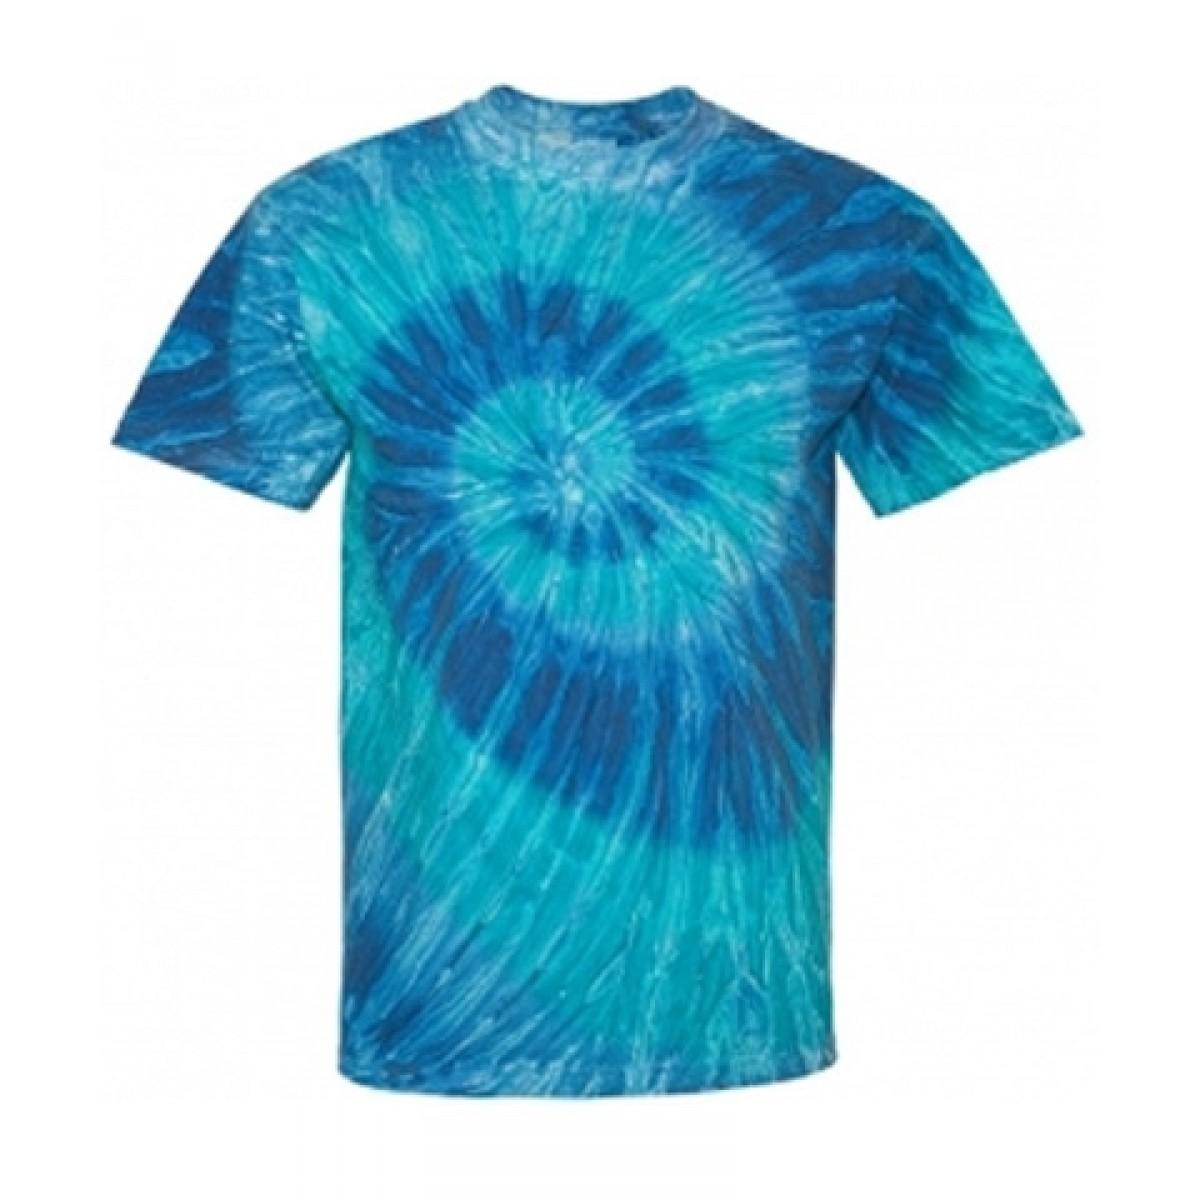 Blue or Black Ripple Tie Dye T-Shirt-Scuba Blue -S